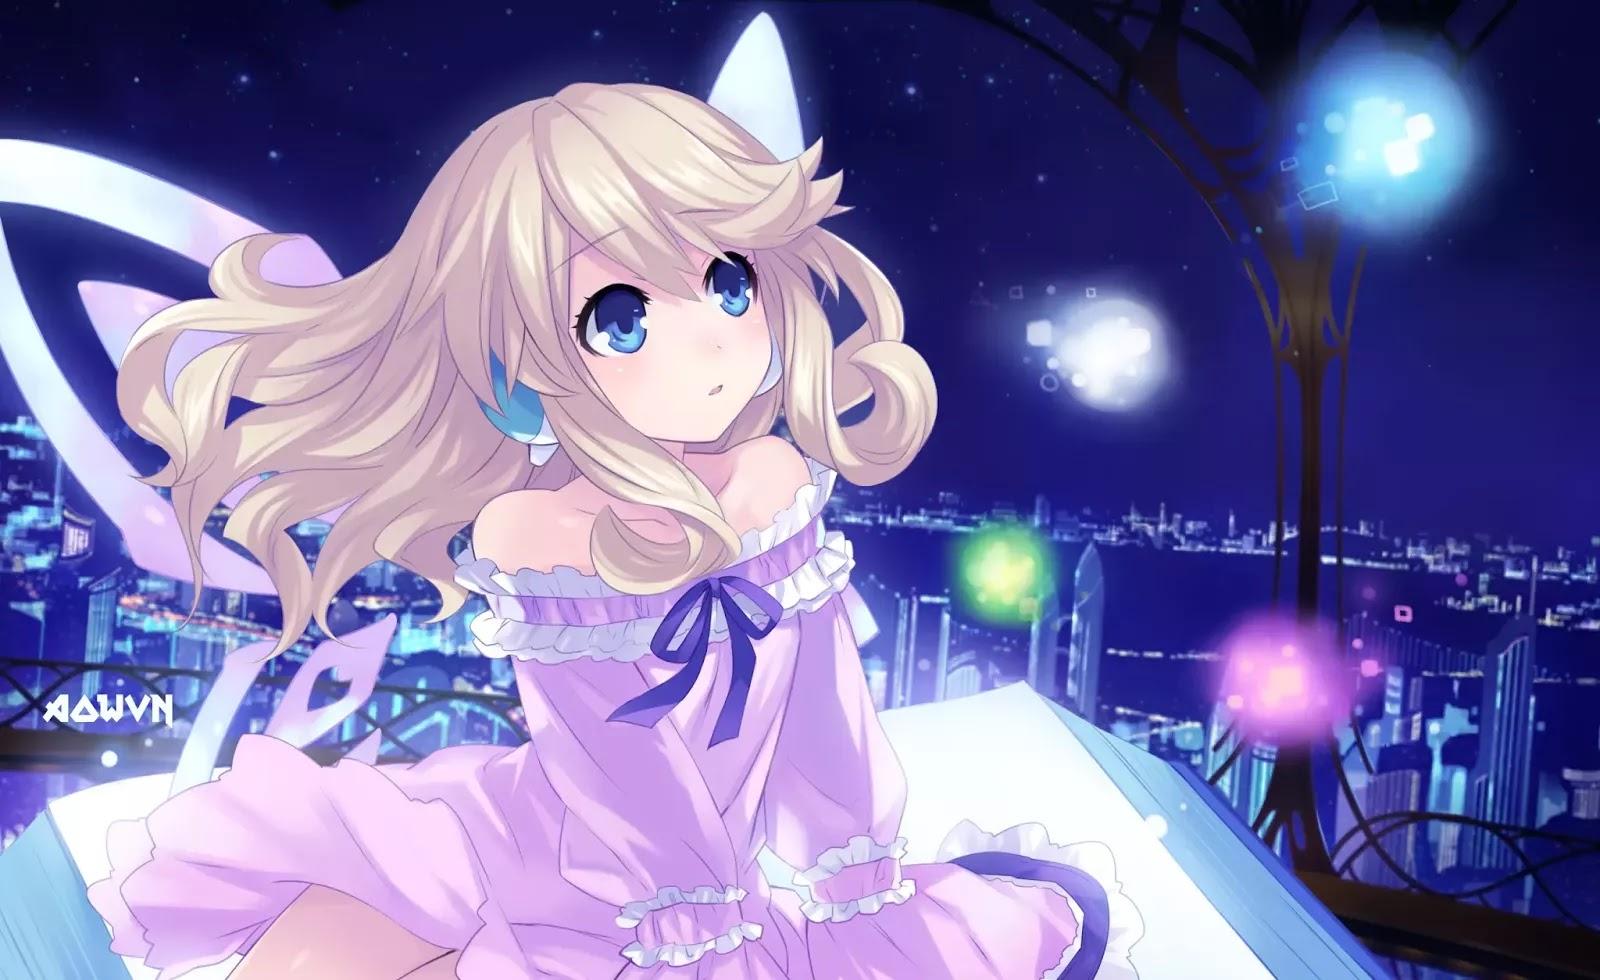 AowVN.org min%2B%252857%2529 - [ Hình Nền ] Game Hyperdimension Neptunia cực đẹp | Anime Wallpapers